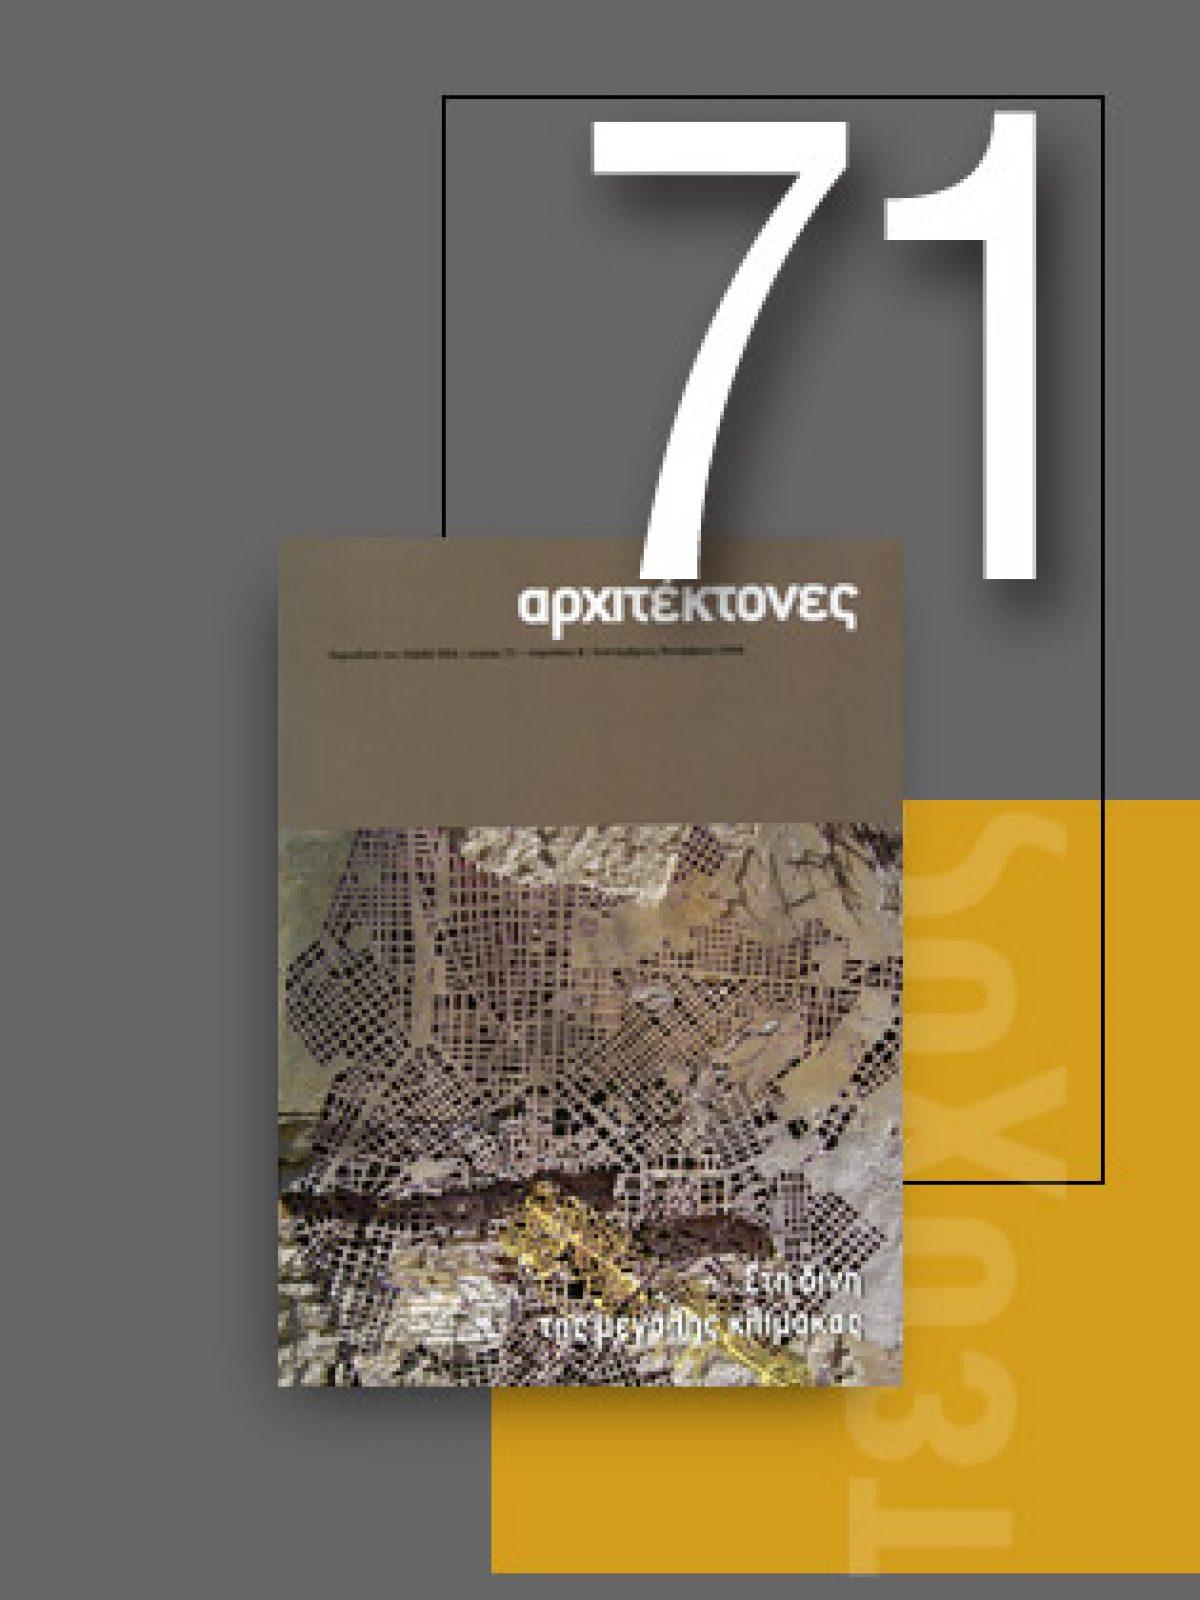 «Αρχιτέκτονες» Τεύχος 71, Περίοδος Β', Σεπτέμβριος/Οκτώβριος 2008 | Στη δίνη της μεγάλης κλίμακας